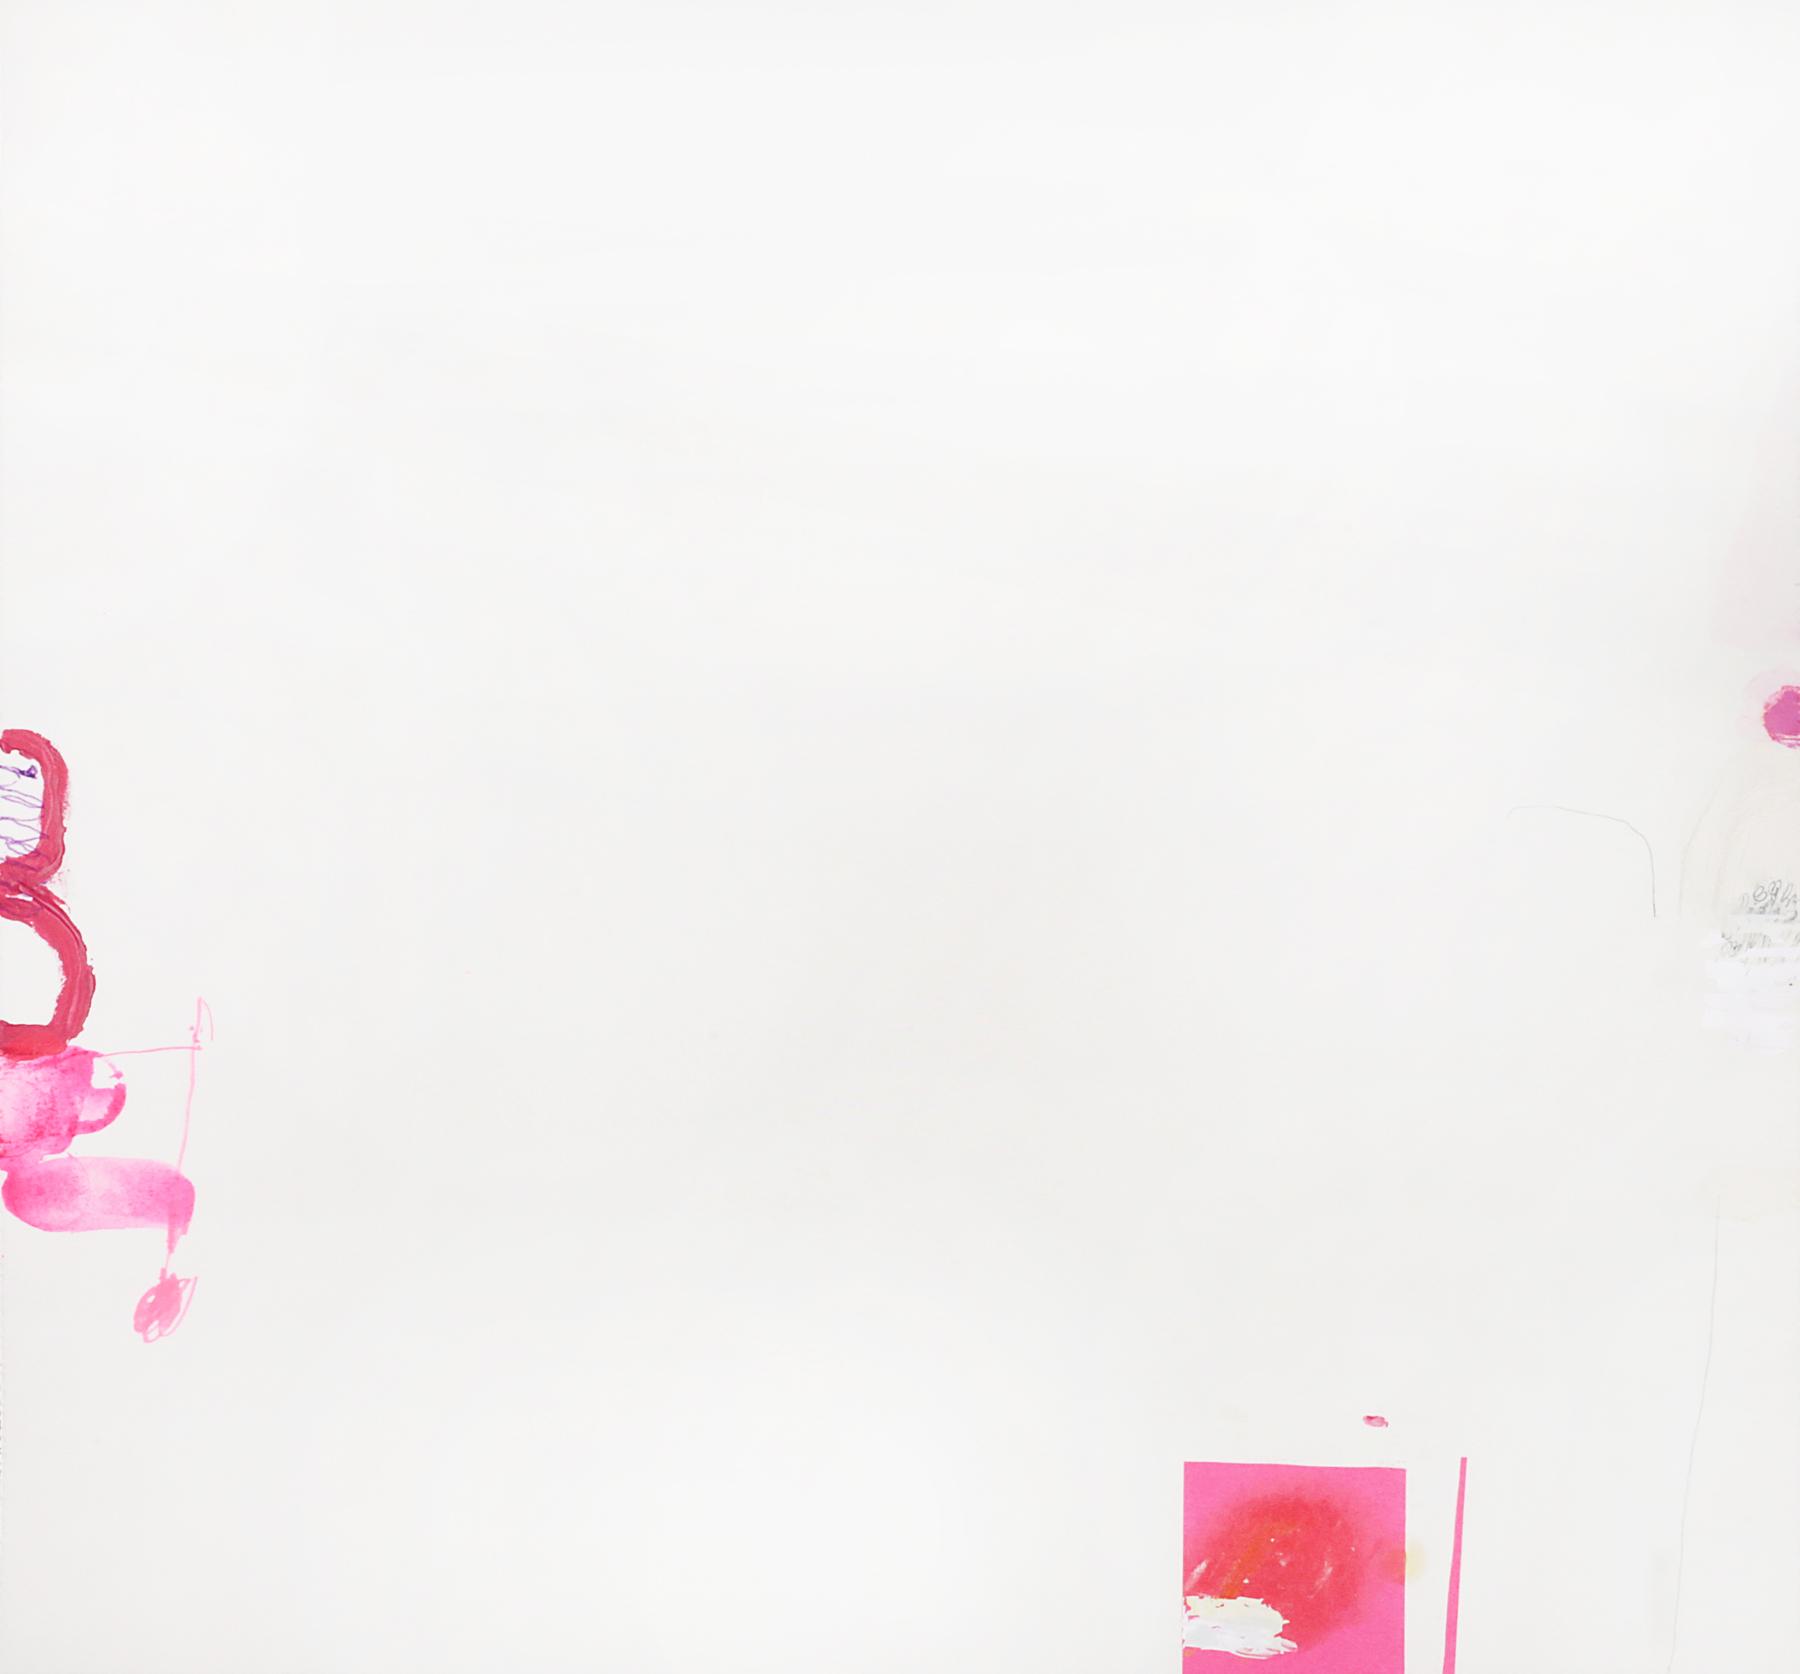 61_pink_3edges_150_sm_dodged